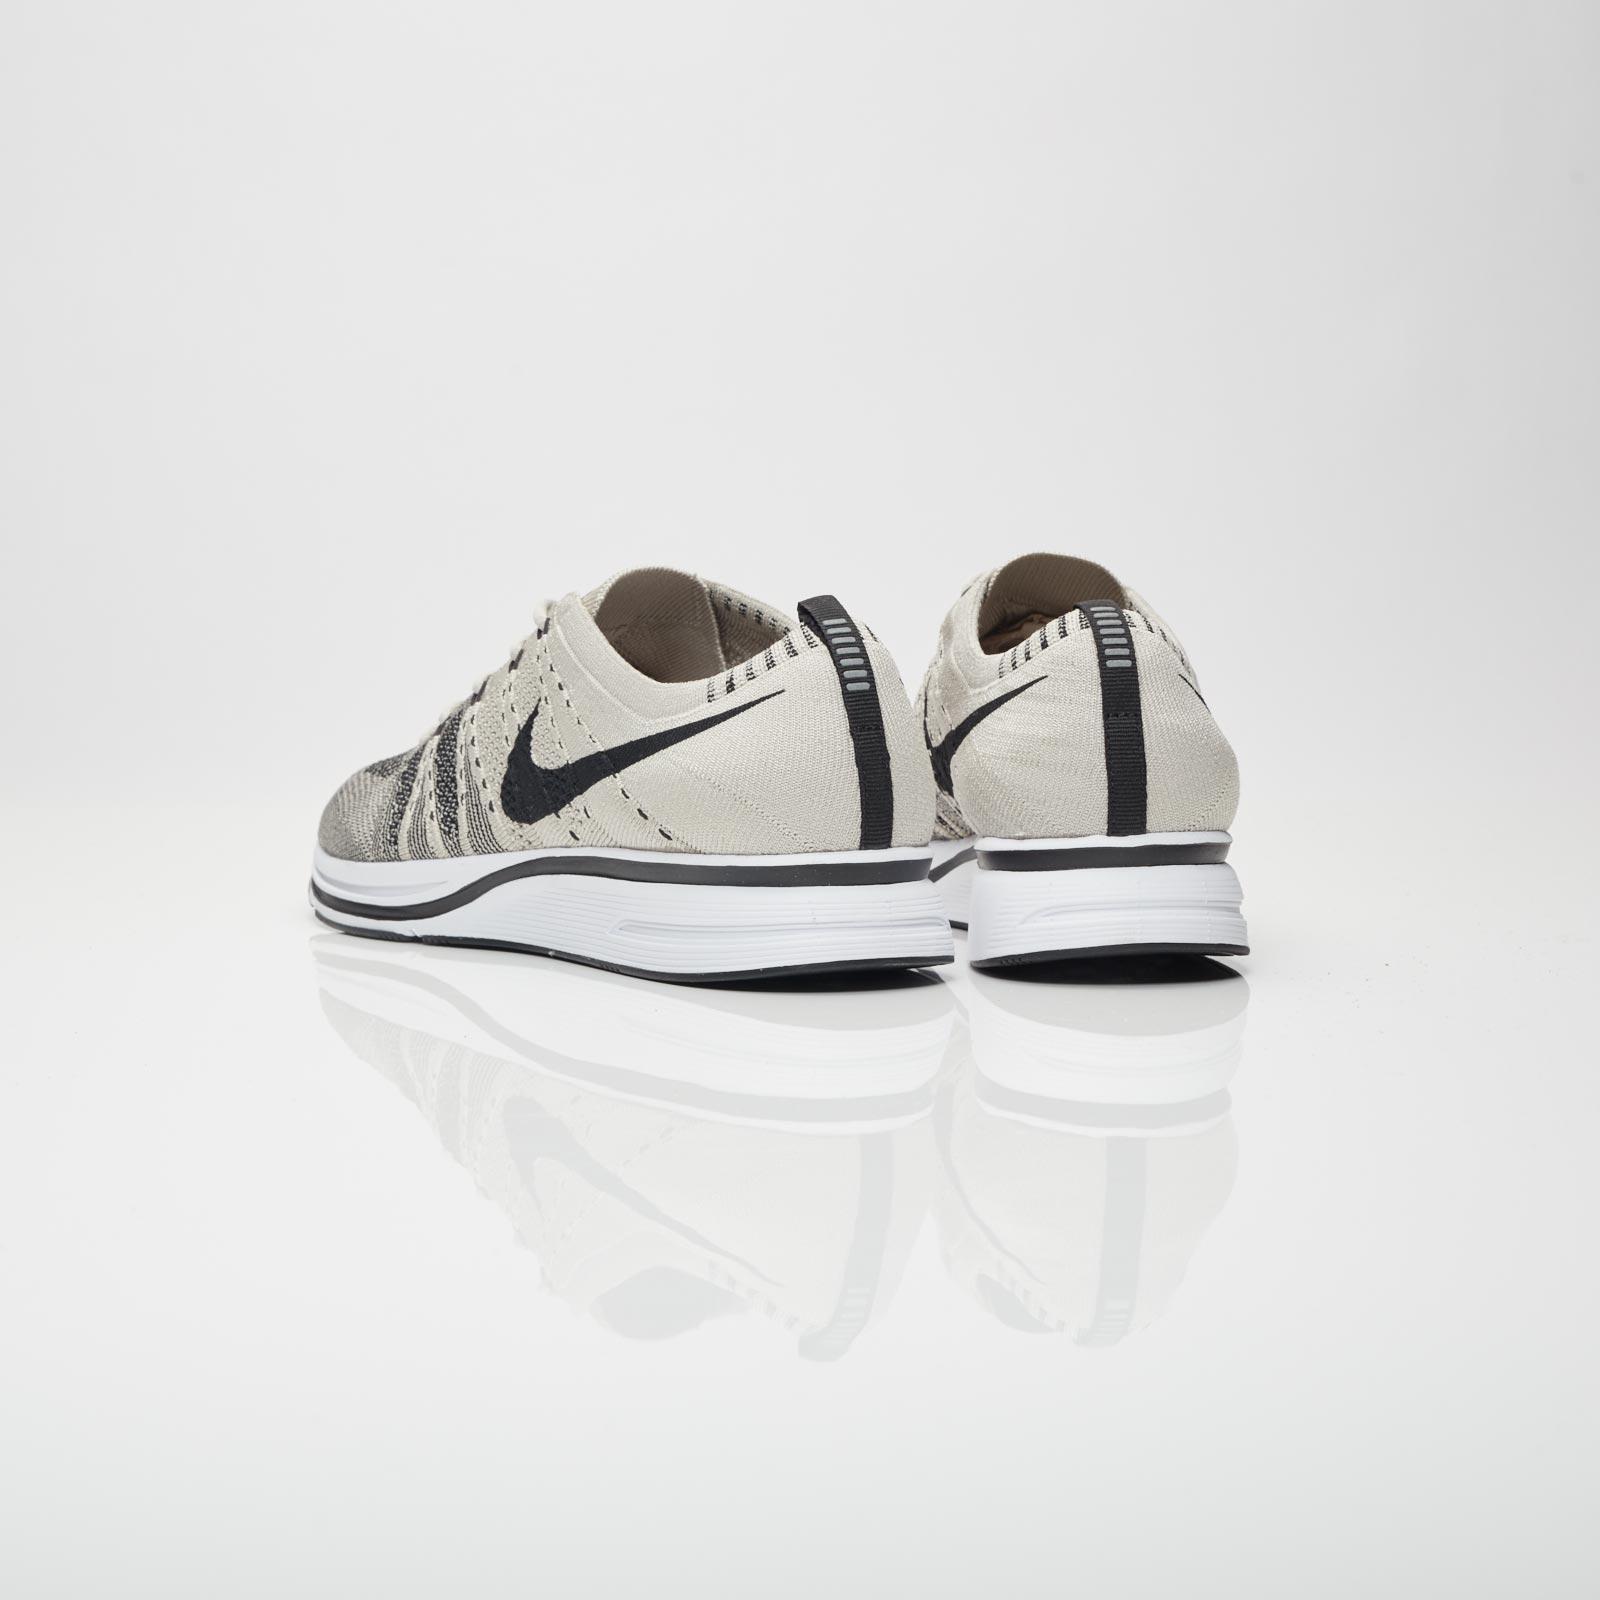 0f5bcd27b450 Nike Flyknit Trainer - Ah8396-001 - Sneakersnstuff